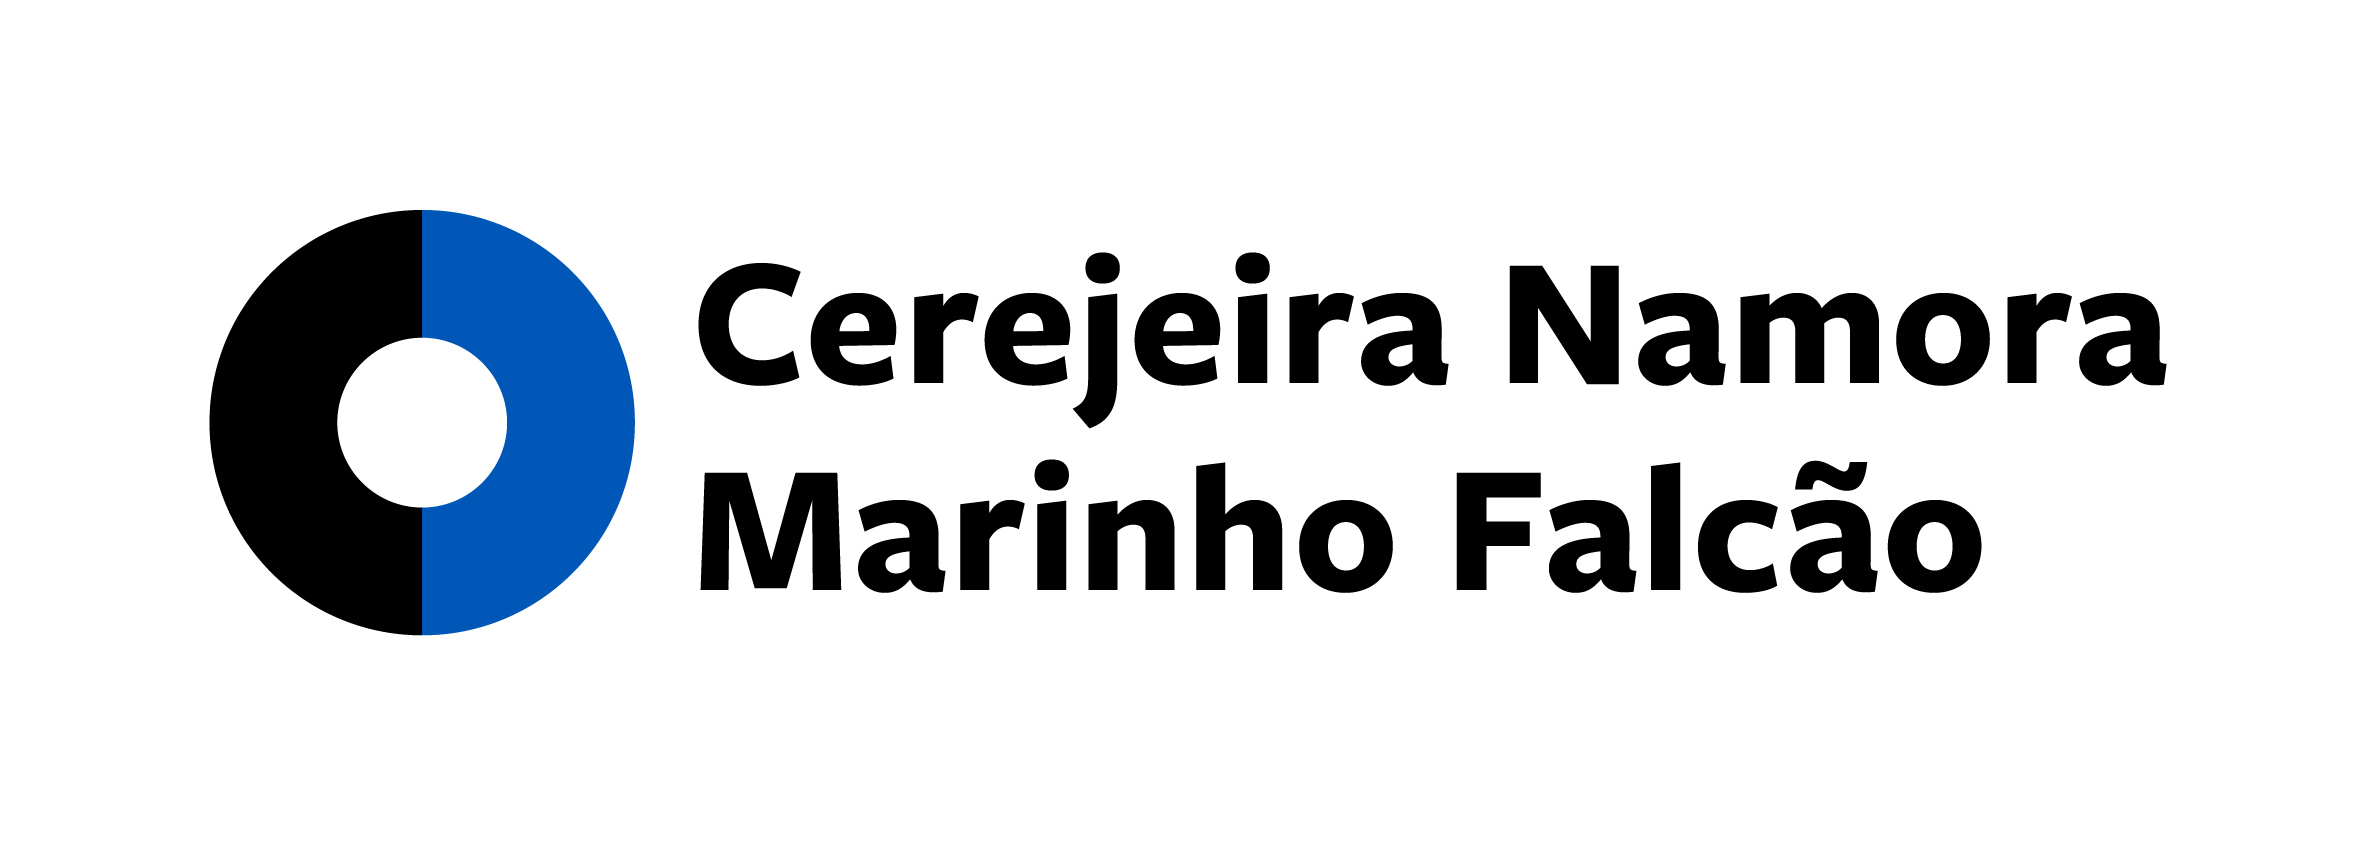 Cerejeira Namora, Marinho Falcão